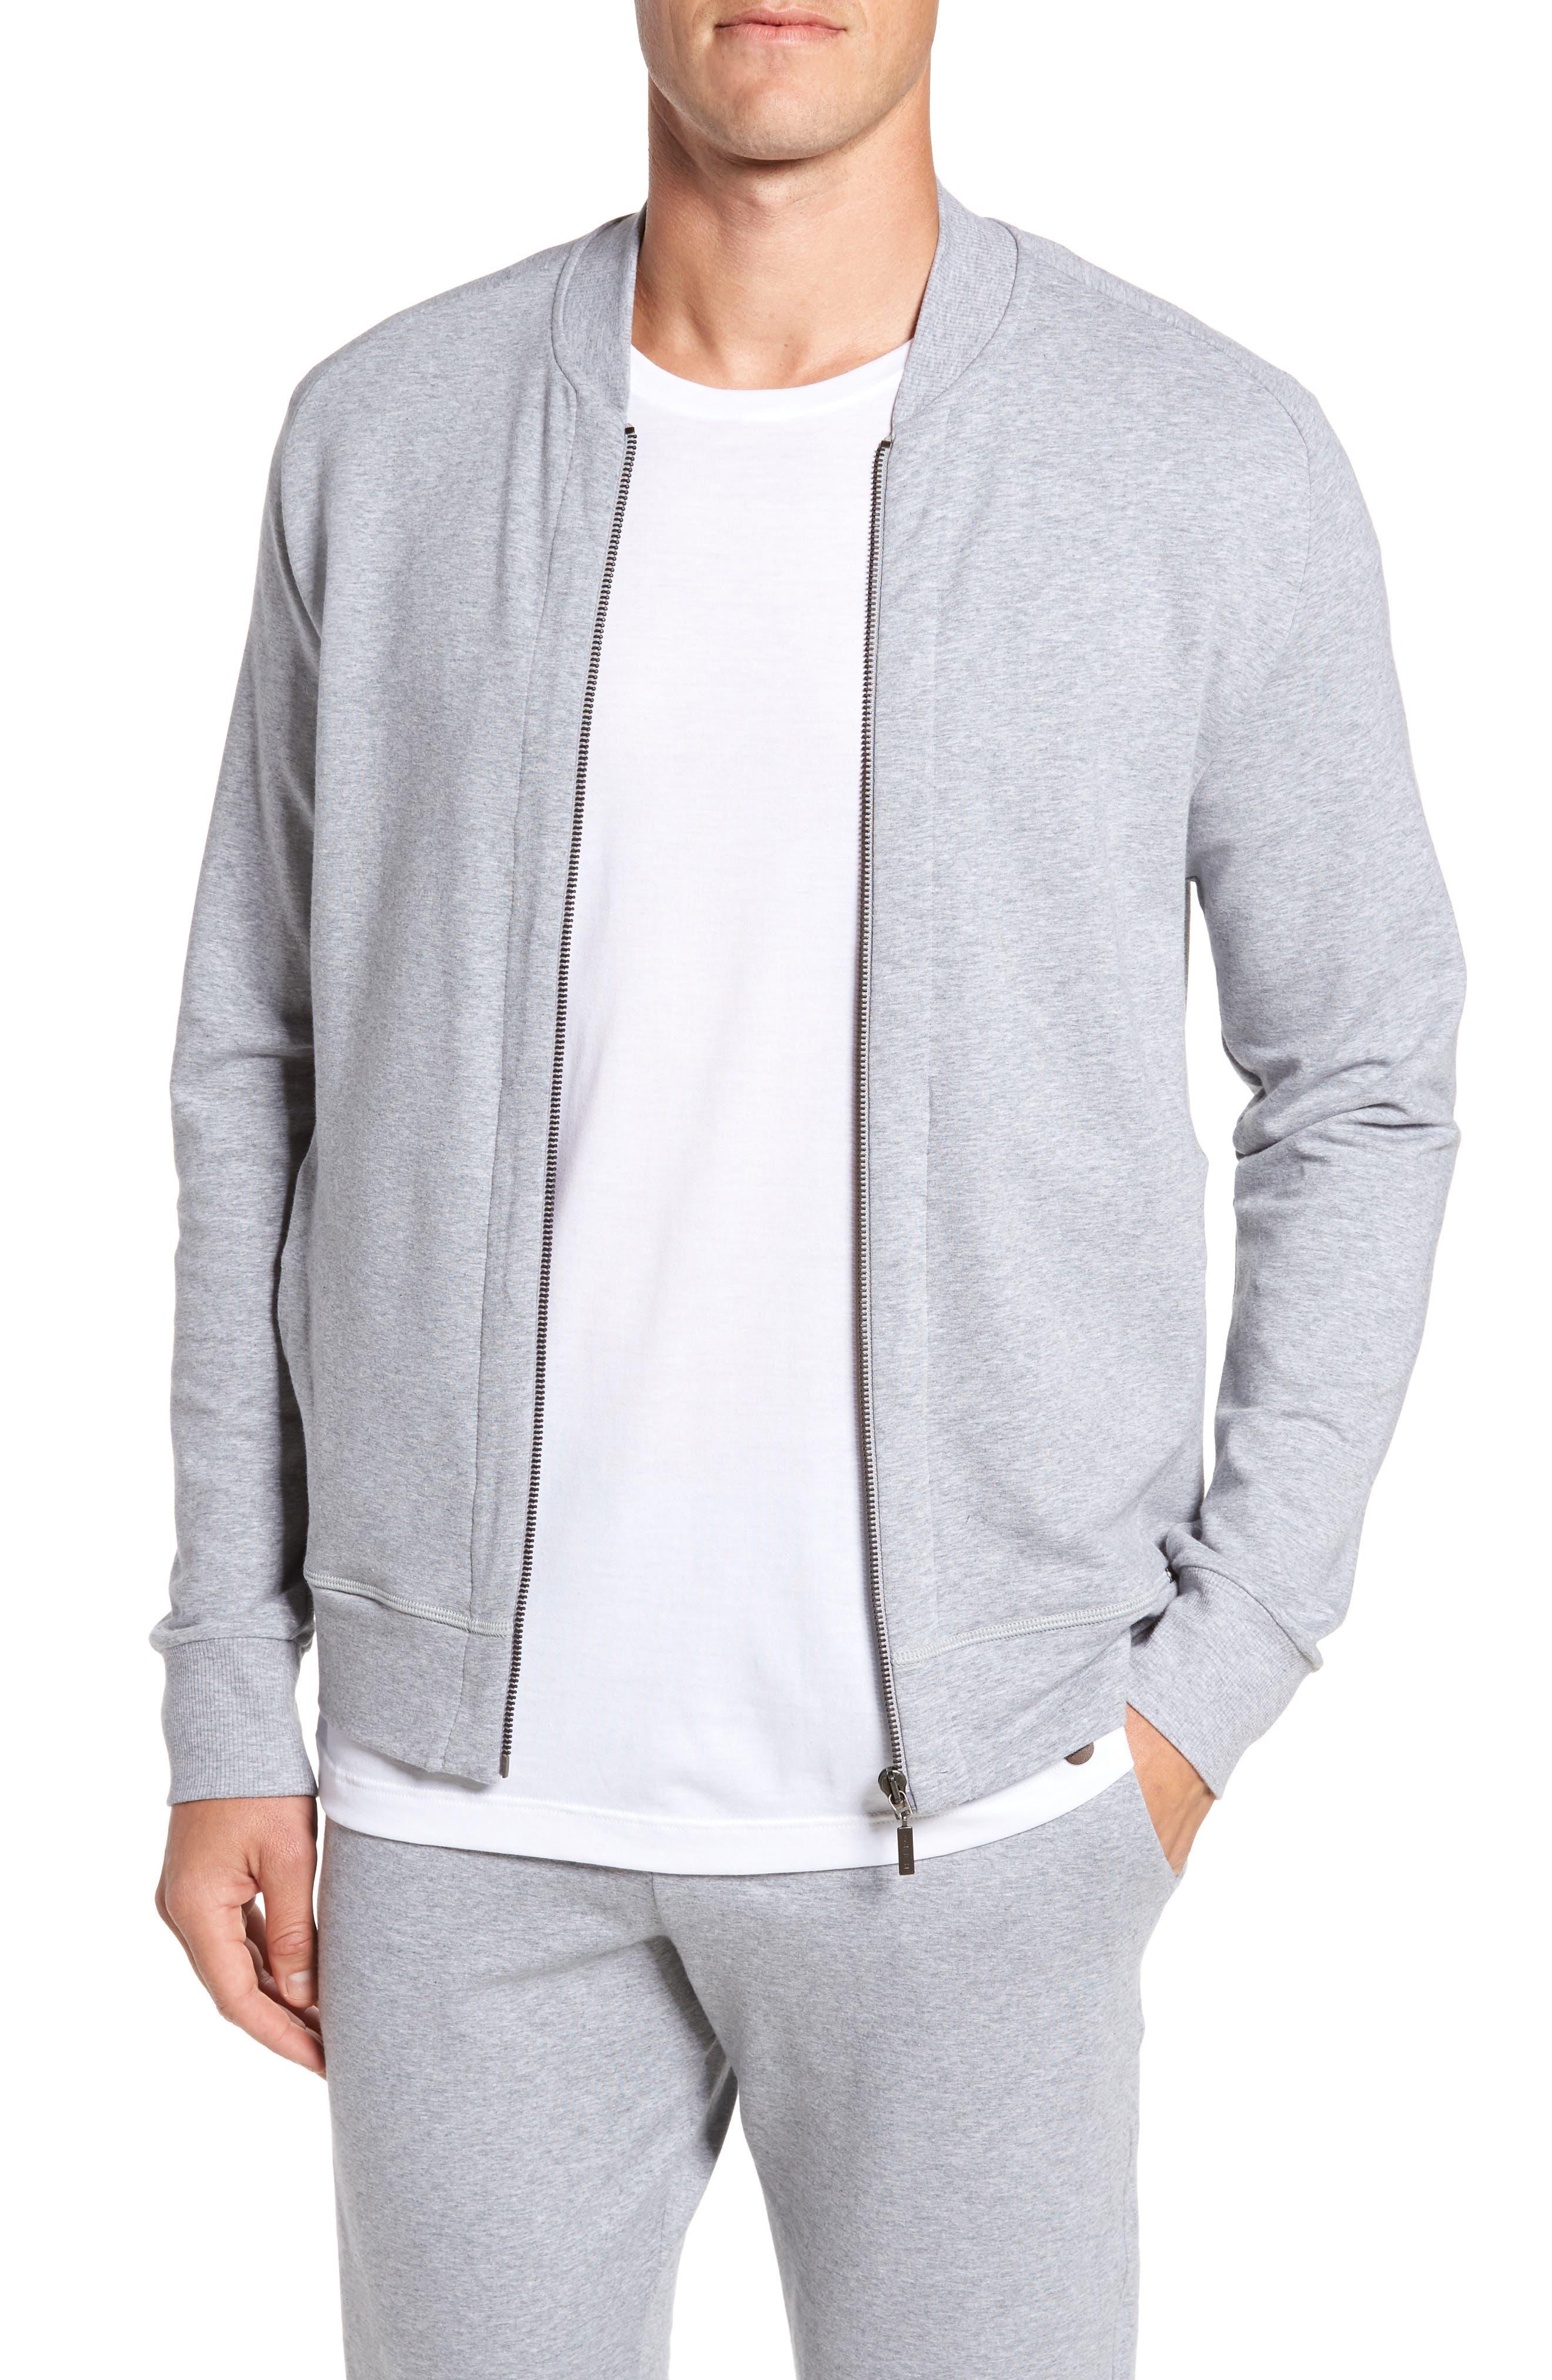 Living Zip Bomber Jacket,                         Main,                         color, Grey Melange